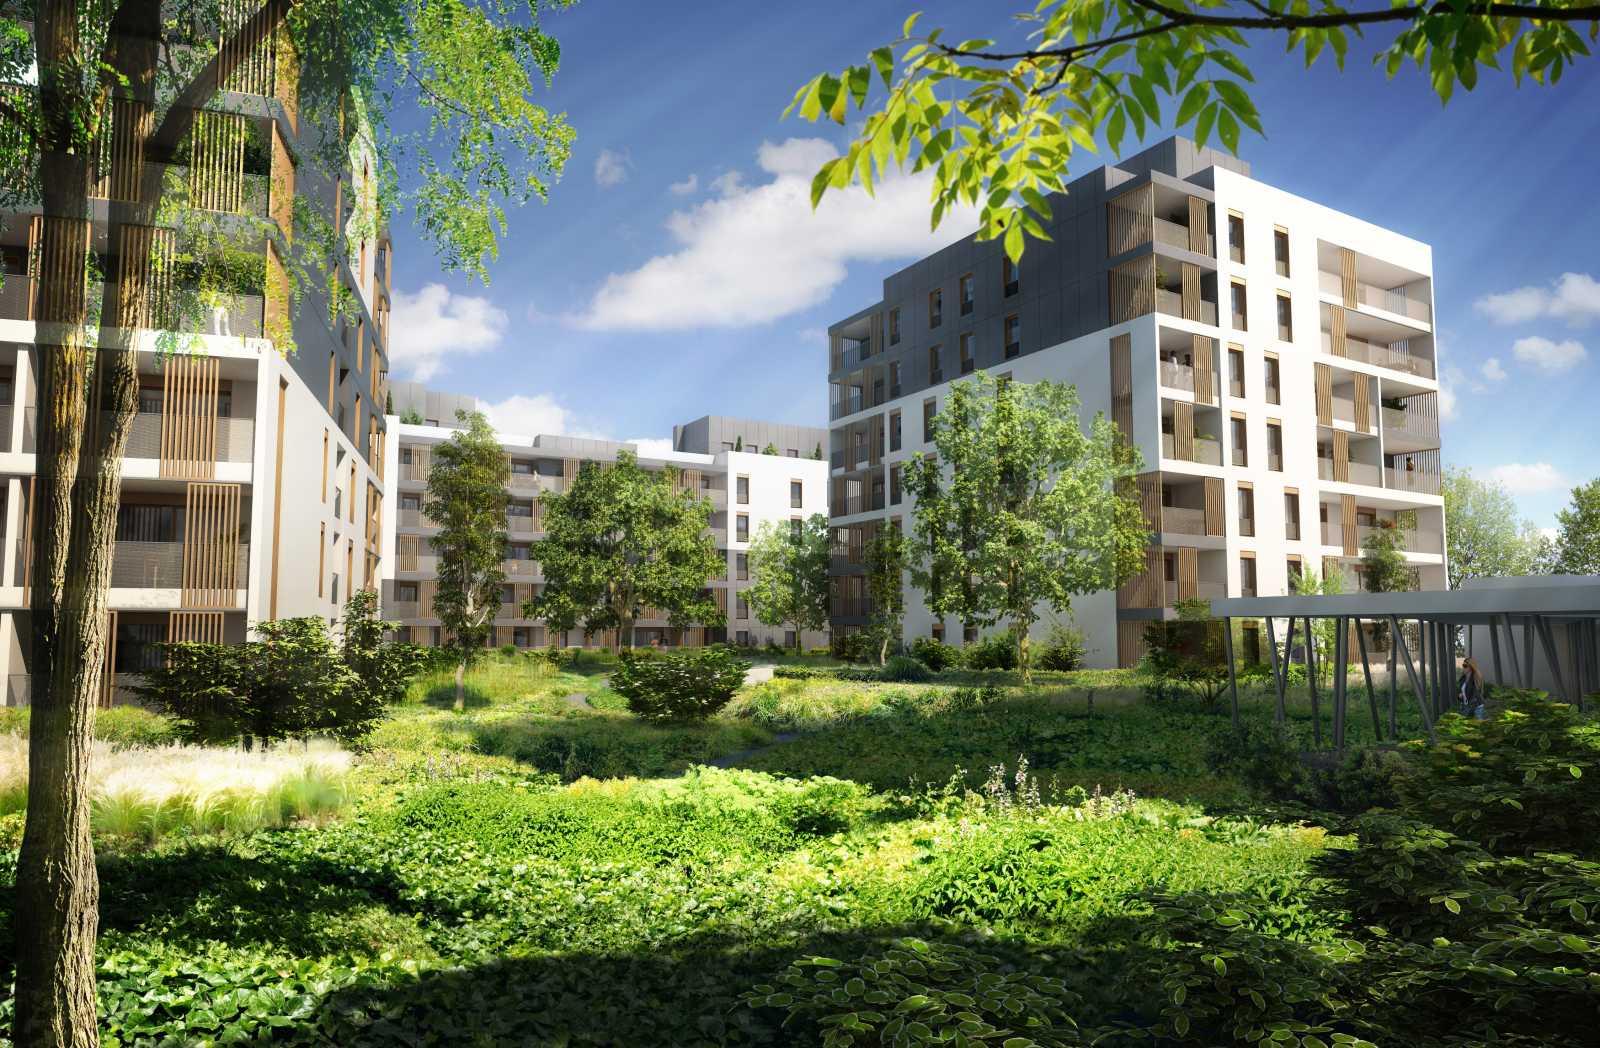 L 39 esplanade sier constructeur immobilier lyon promoteur for Meilleur constructeur immobilier